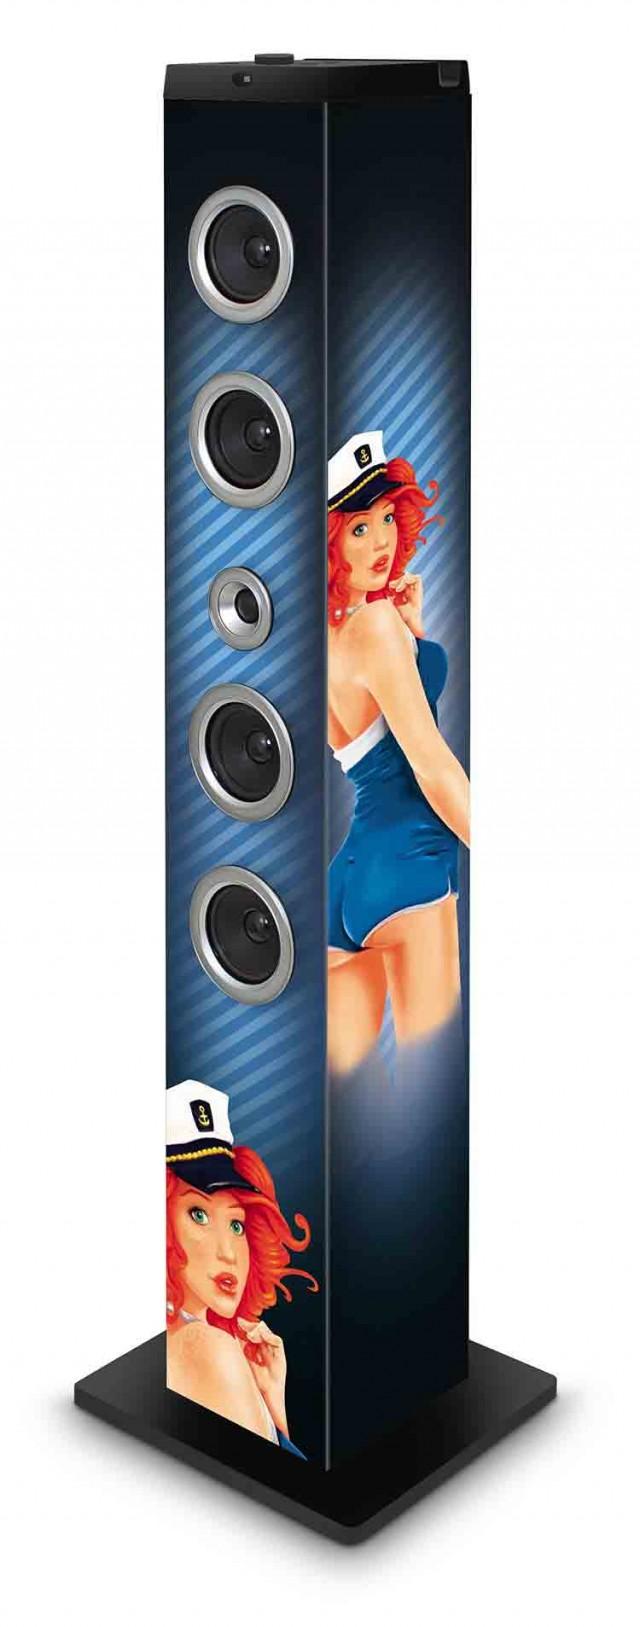 Multimedia Tower Pin-up - Packshot